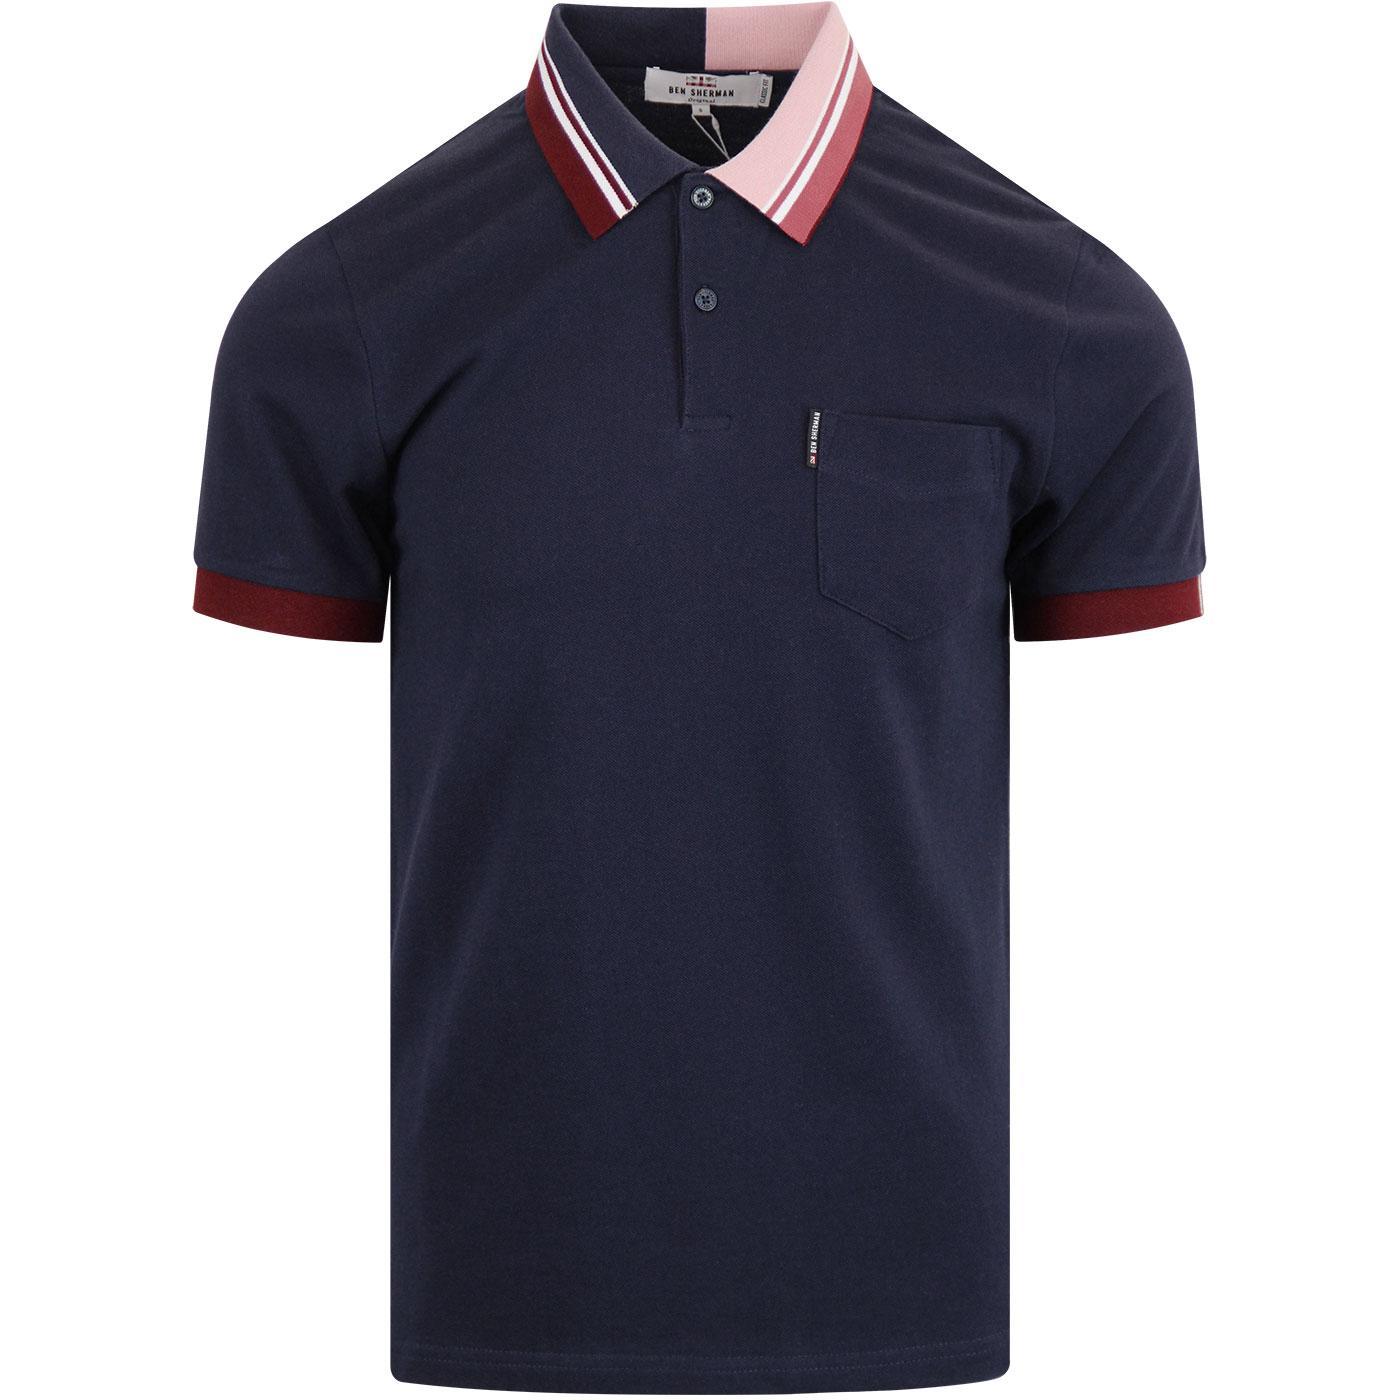 BEN SHERMAN Contrast Tipped Collar Mod Pique Polo